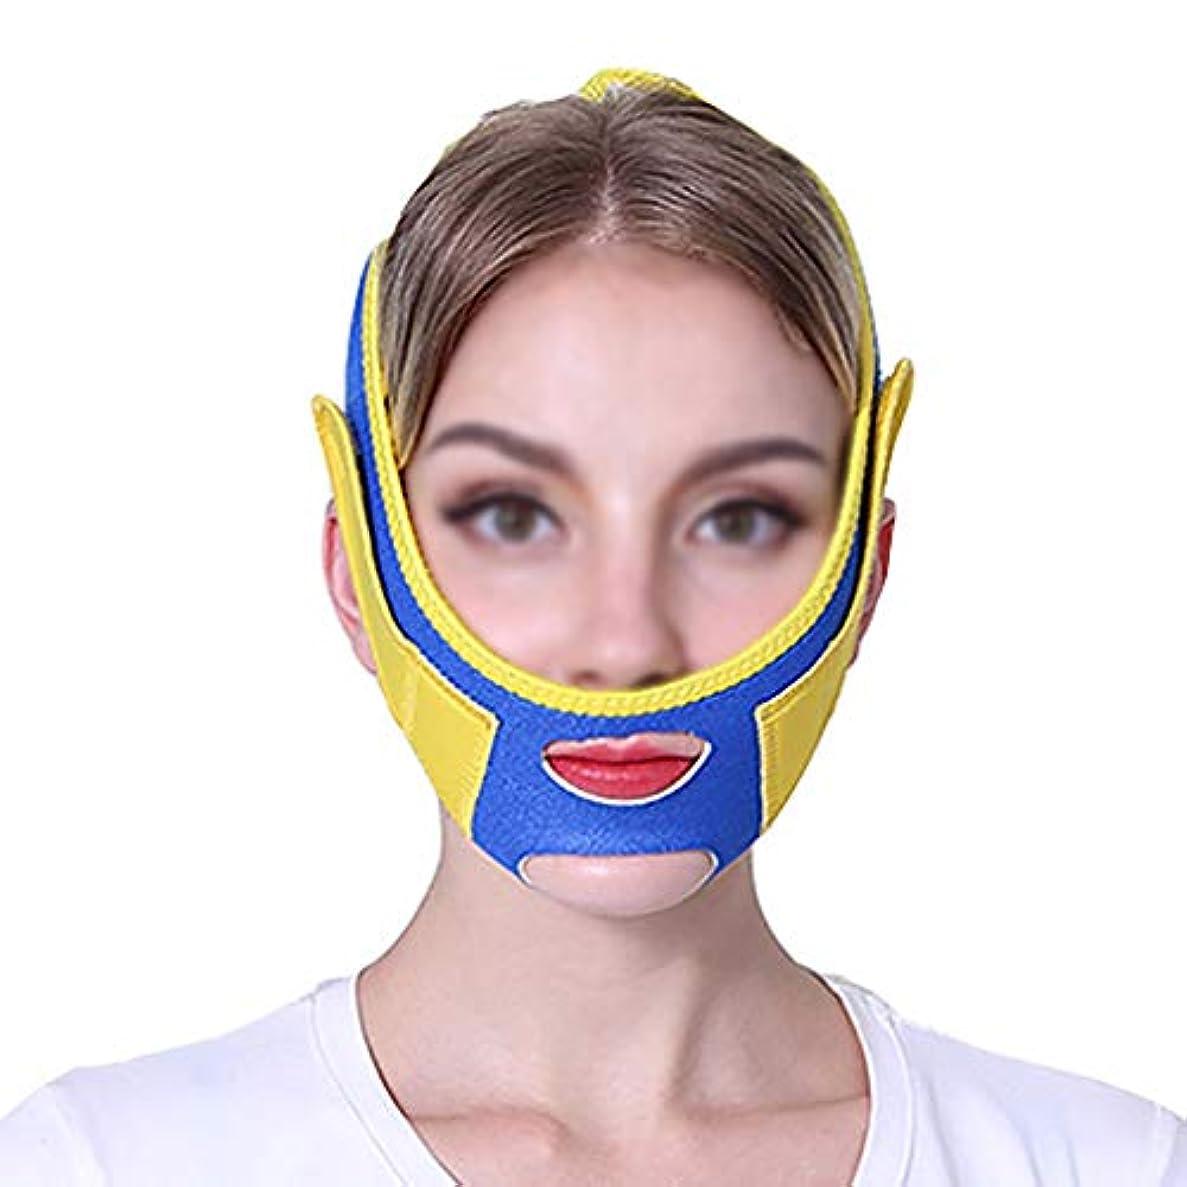 アルプスフォージ動員するTLMY ファーミングマスクスモールvフェイスアーティファクトリフティングマスクフェイスリフティングフェイスリフティングマスクファーミングクリームフェイシャルリフティング包帯 顔用整形マスク